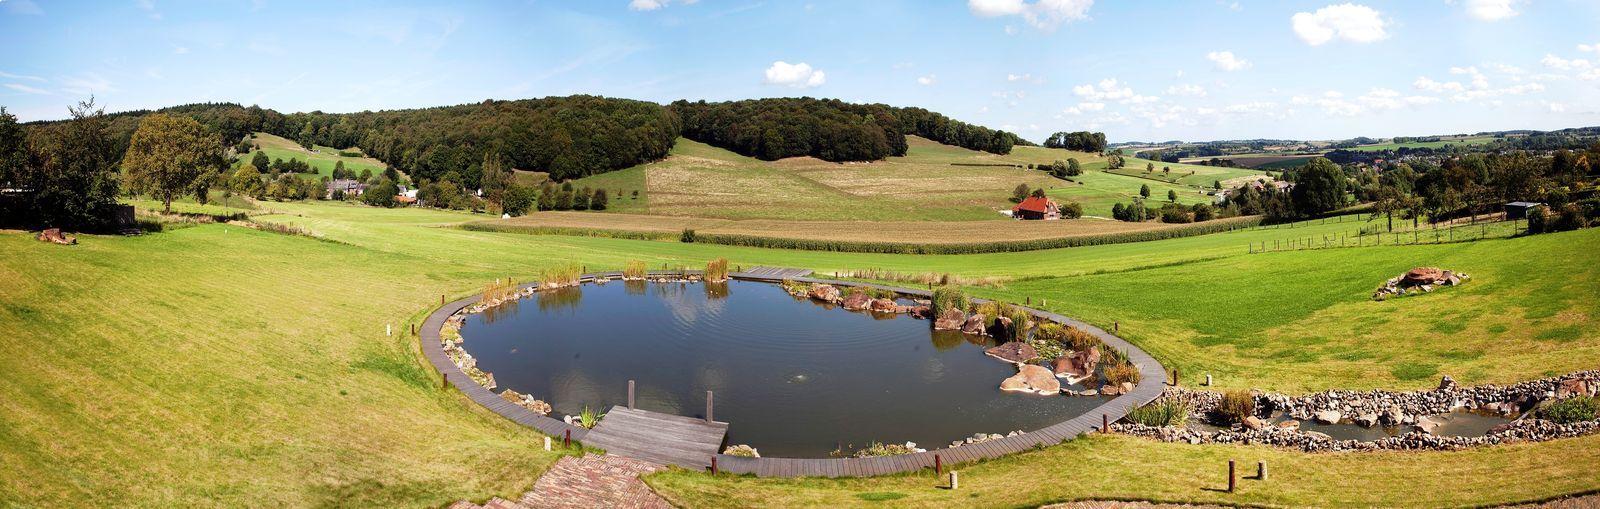 Carrehoeve A Gen Beuke - exclusieve vakantievilla met zwembad en jacuzzi in Zuid-Limburg